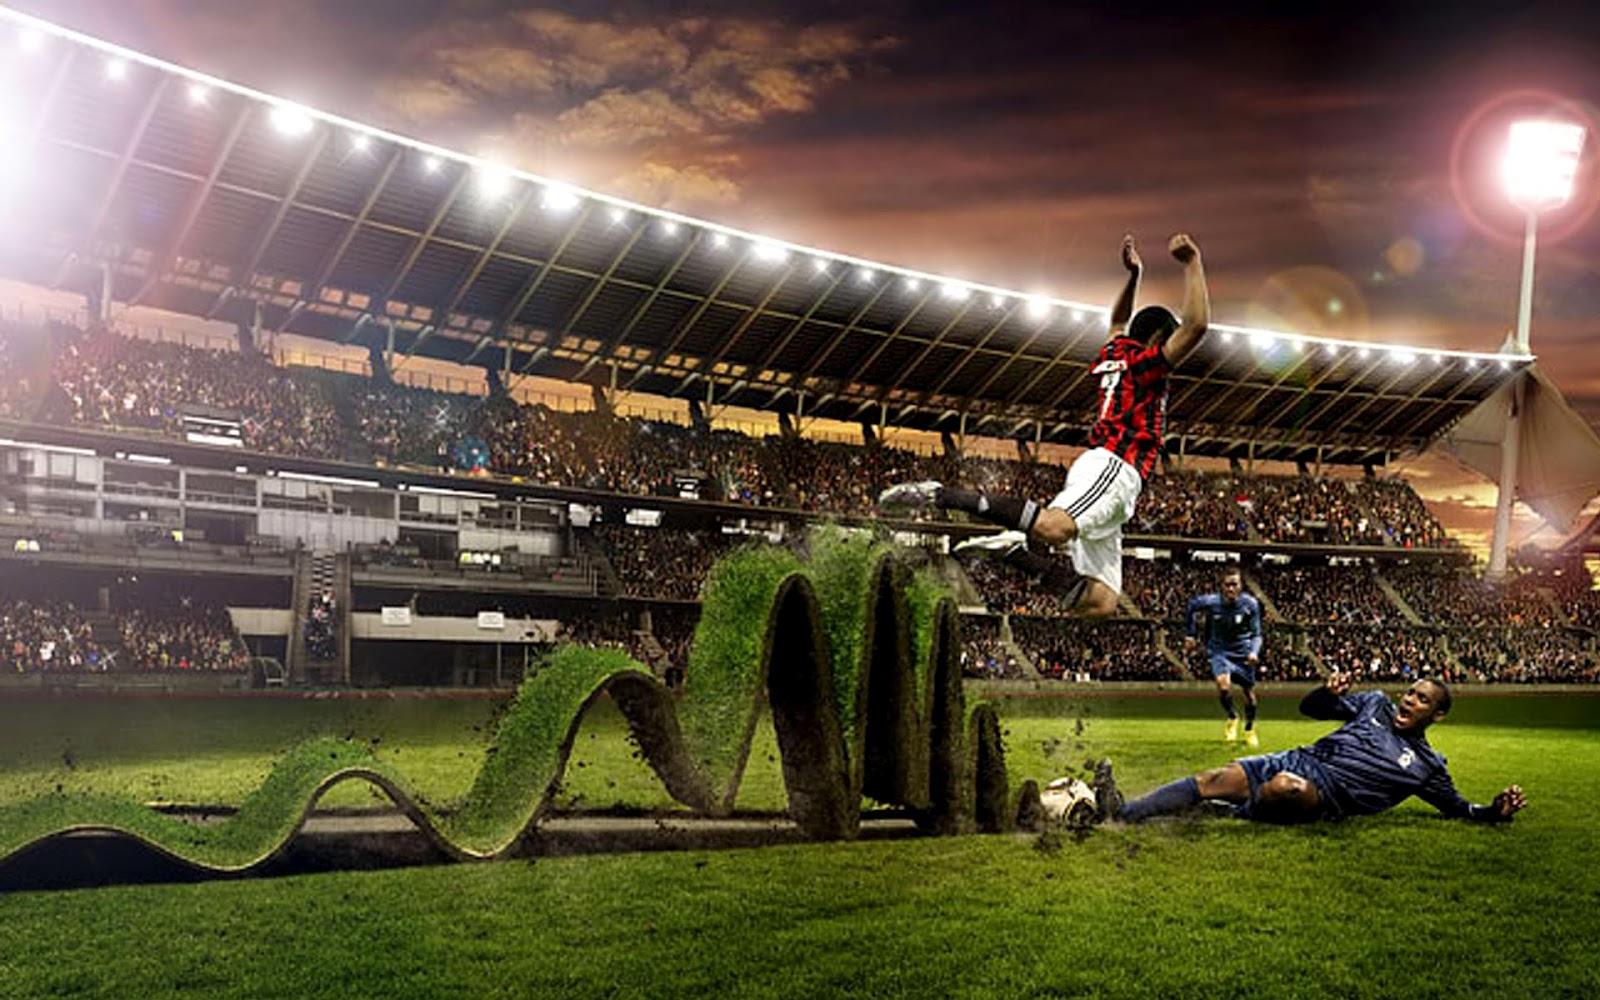 Soccer images